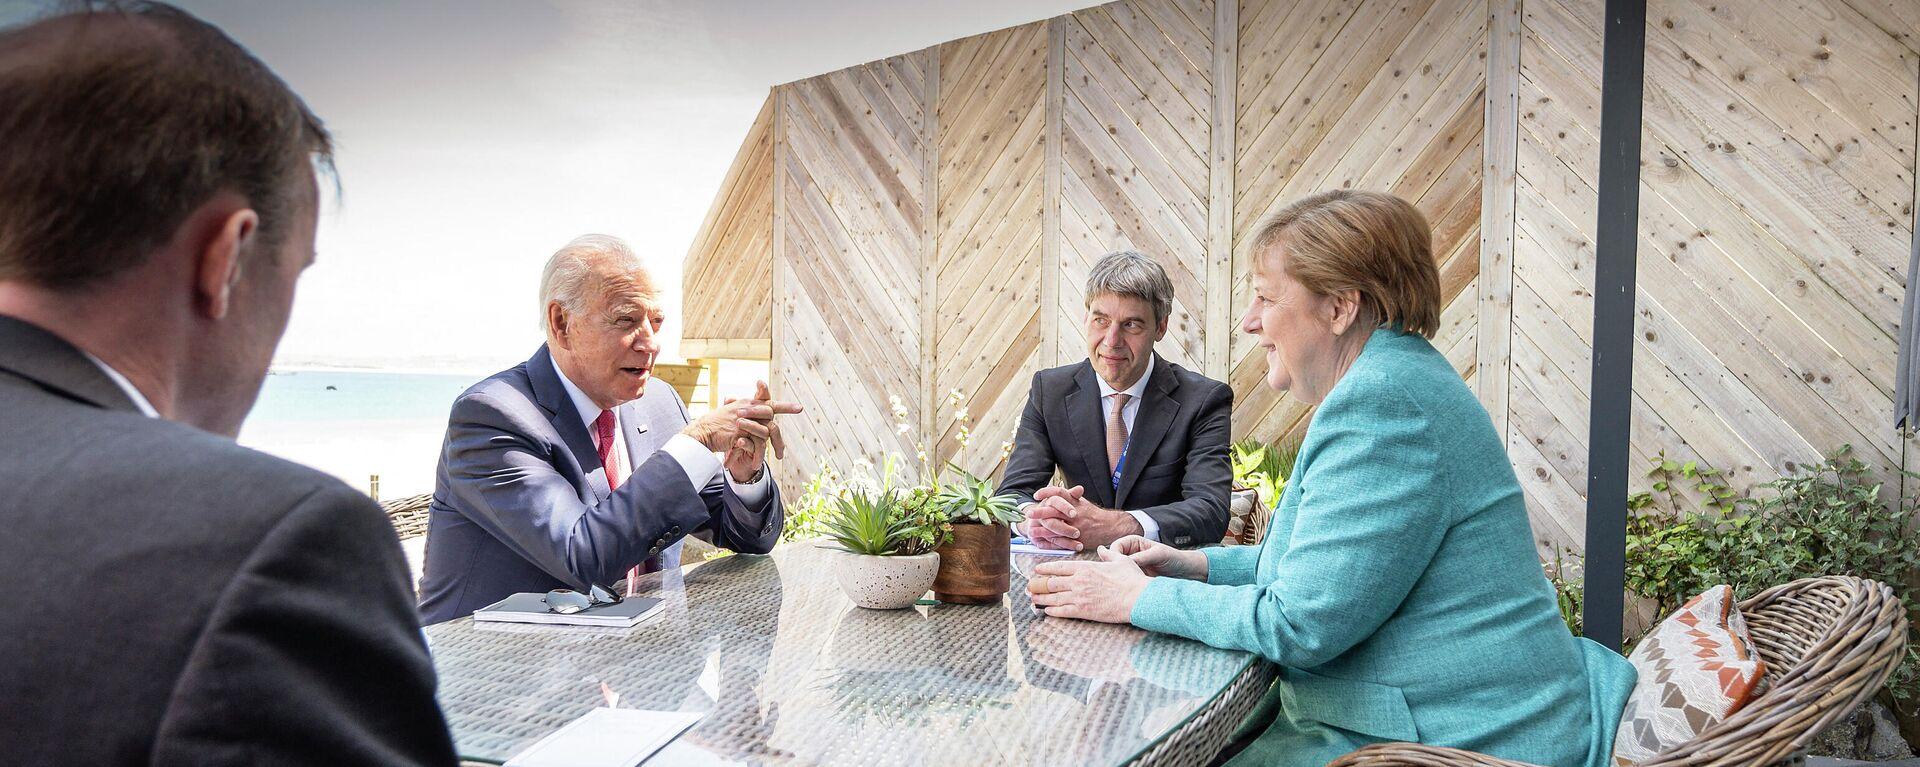 Dieses Handout-Foto der Bundesregierung vom 12. Juni 2021 zeigt Bundeskanzlerin Angela Merkel und US-Präsident Joe Biden zu Beginn ihres Treffens am Rande des G7-Gipfels im englischen St. Ives, Cornwall, zusammen mit ihren außenpolitischen Beratern Jan Hecker und Jake Sullivan. - SNA, 1920, 15.07.2021